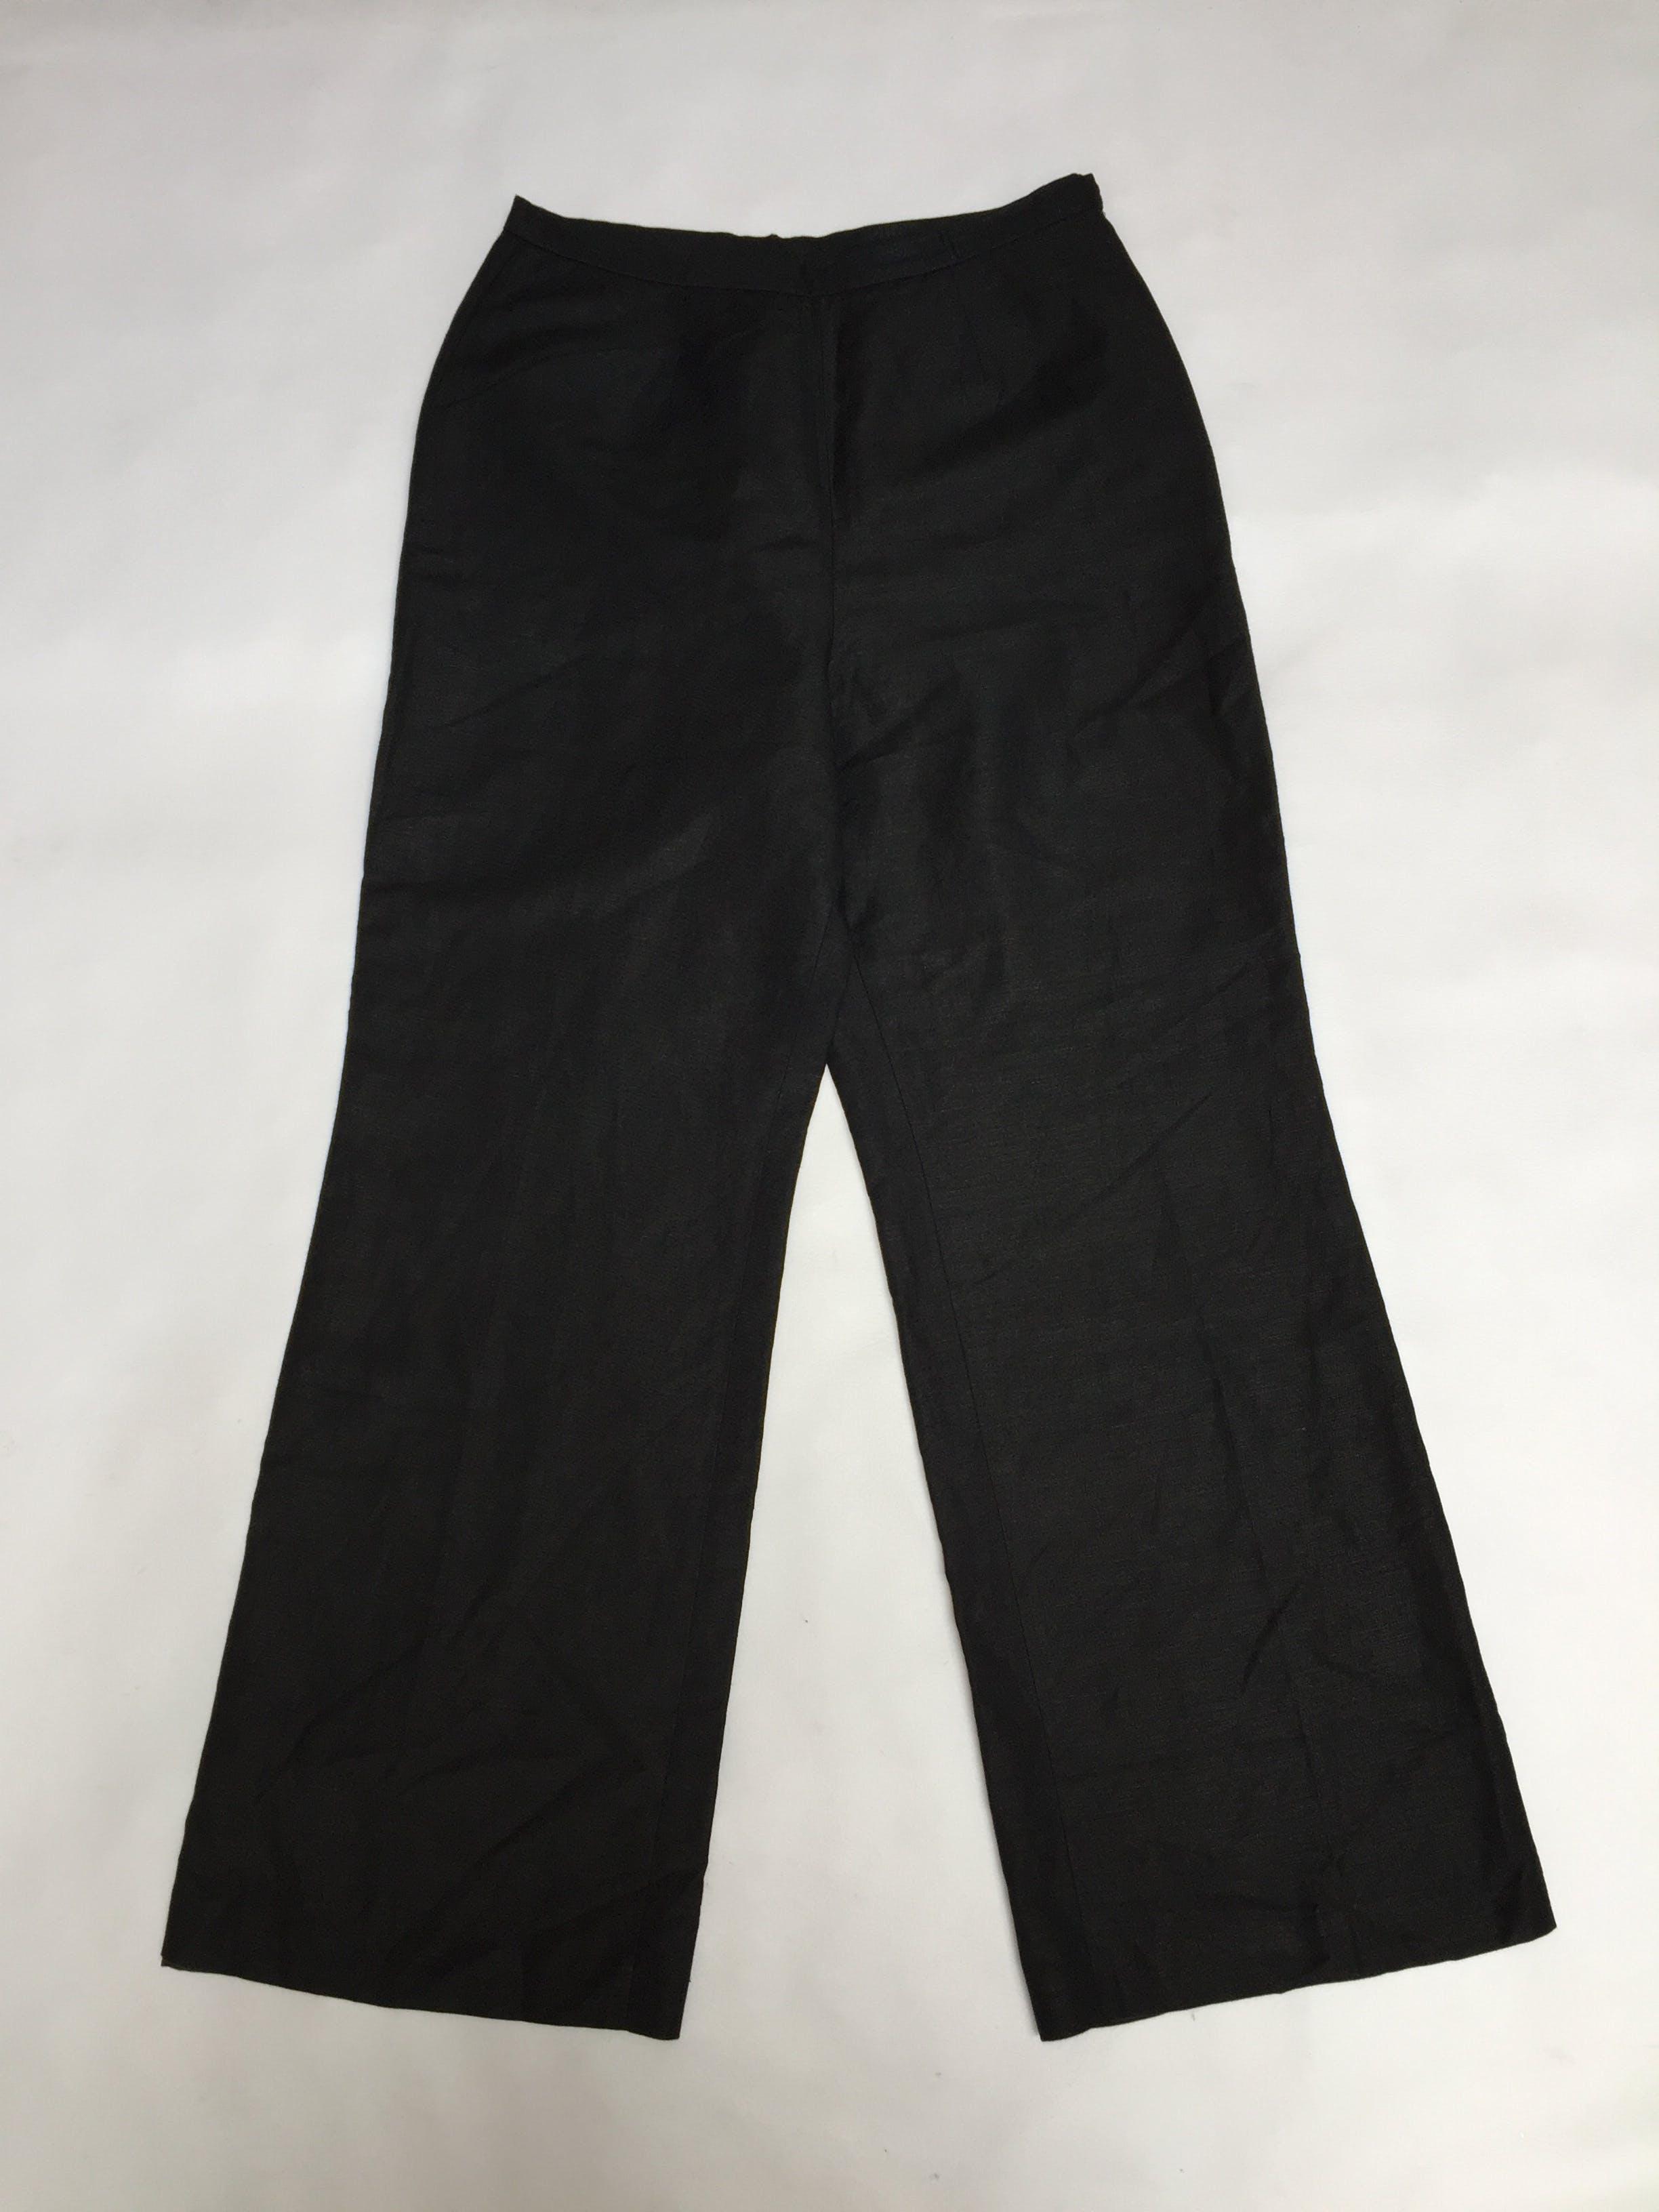 Pantalón vintage LeSuit, a la cintura, pierna recta, negro tipo sastre, 55% lino 45% rayon, forrado, con cierre lateral. Como nuevo! Talla M